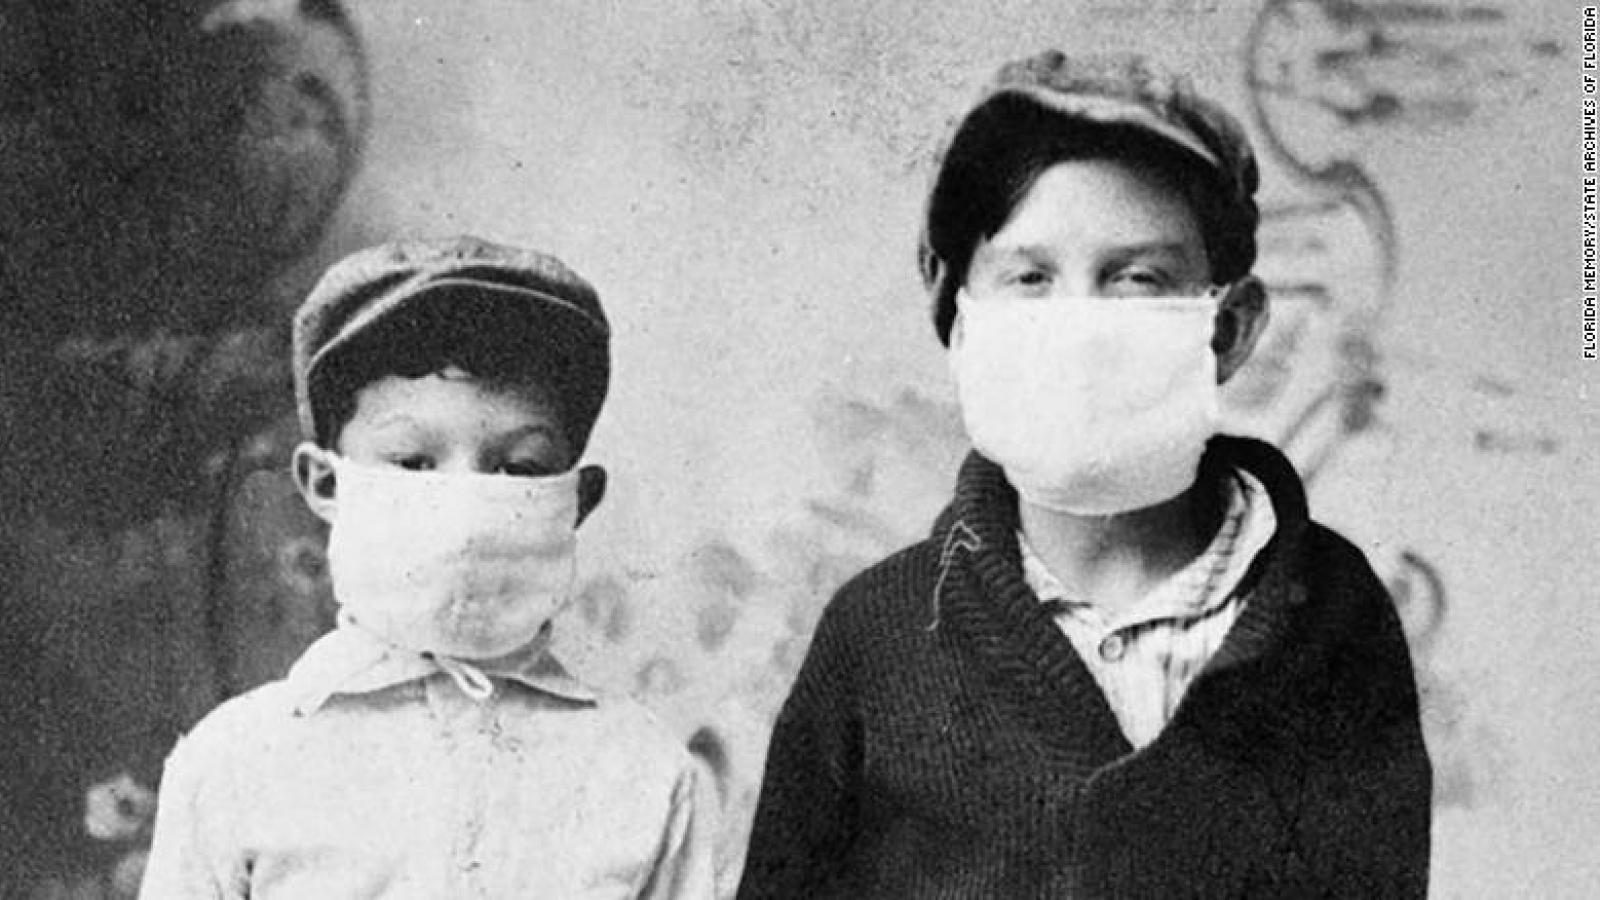 Trẻ em trở lại trường học như thế nào trong đại dịch cúm Tây Ban Nha năm 1918?